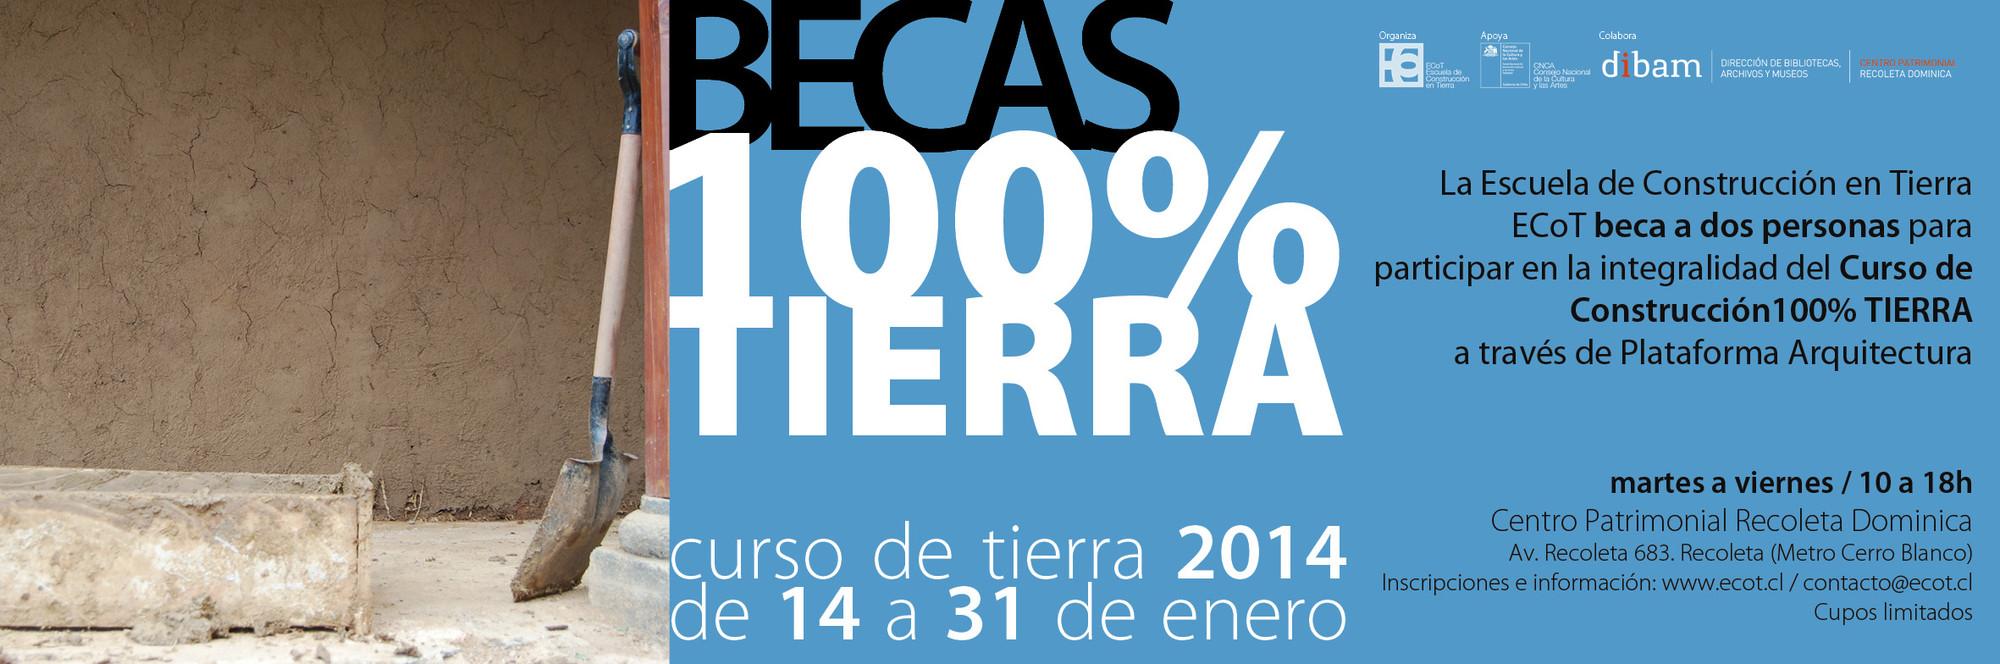 Curso de Construcción 100% TIERRA / ECoT [¡Sorteamos dos Becas!]